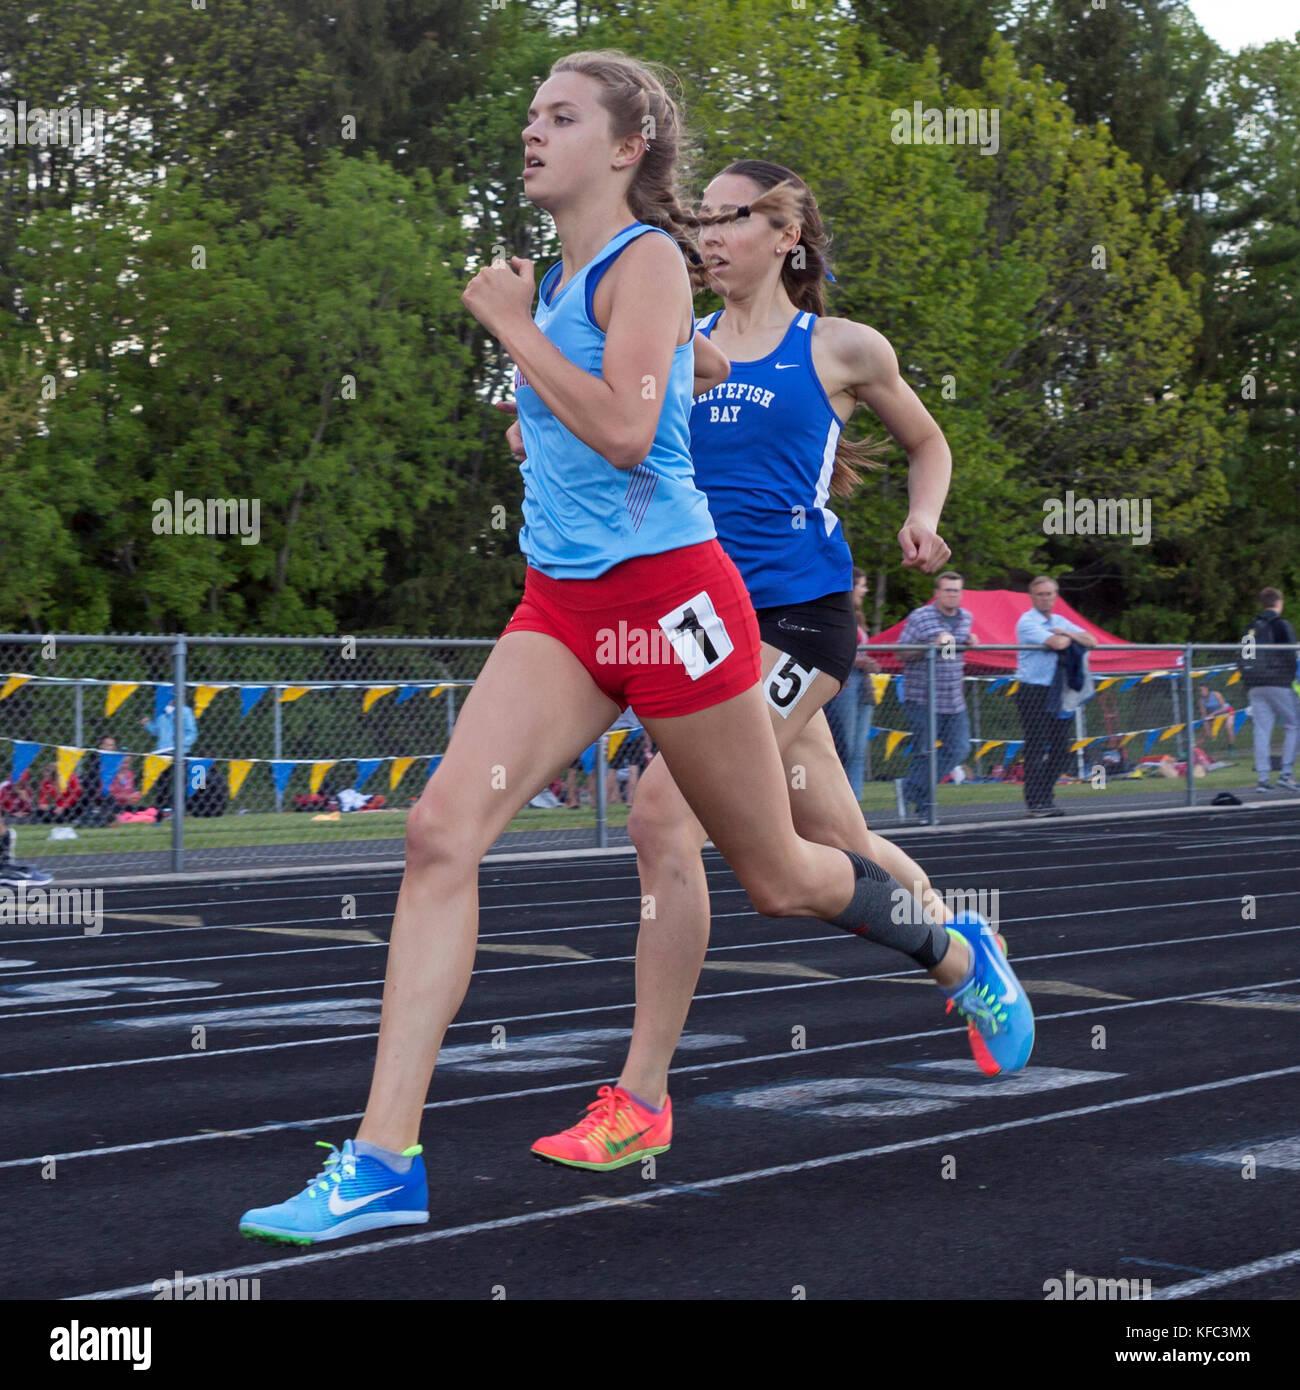 Alta scuola gli atleti competere in una pista e sul campo si incontrano a Milwaukee, Wisconsin, STATI UNITI D'AMERICA Immagini Stock